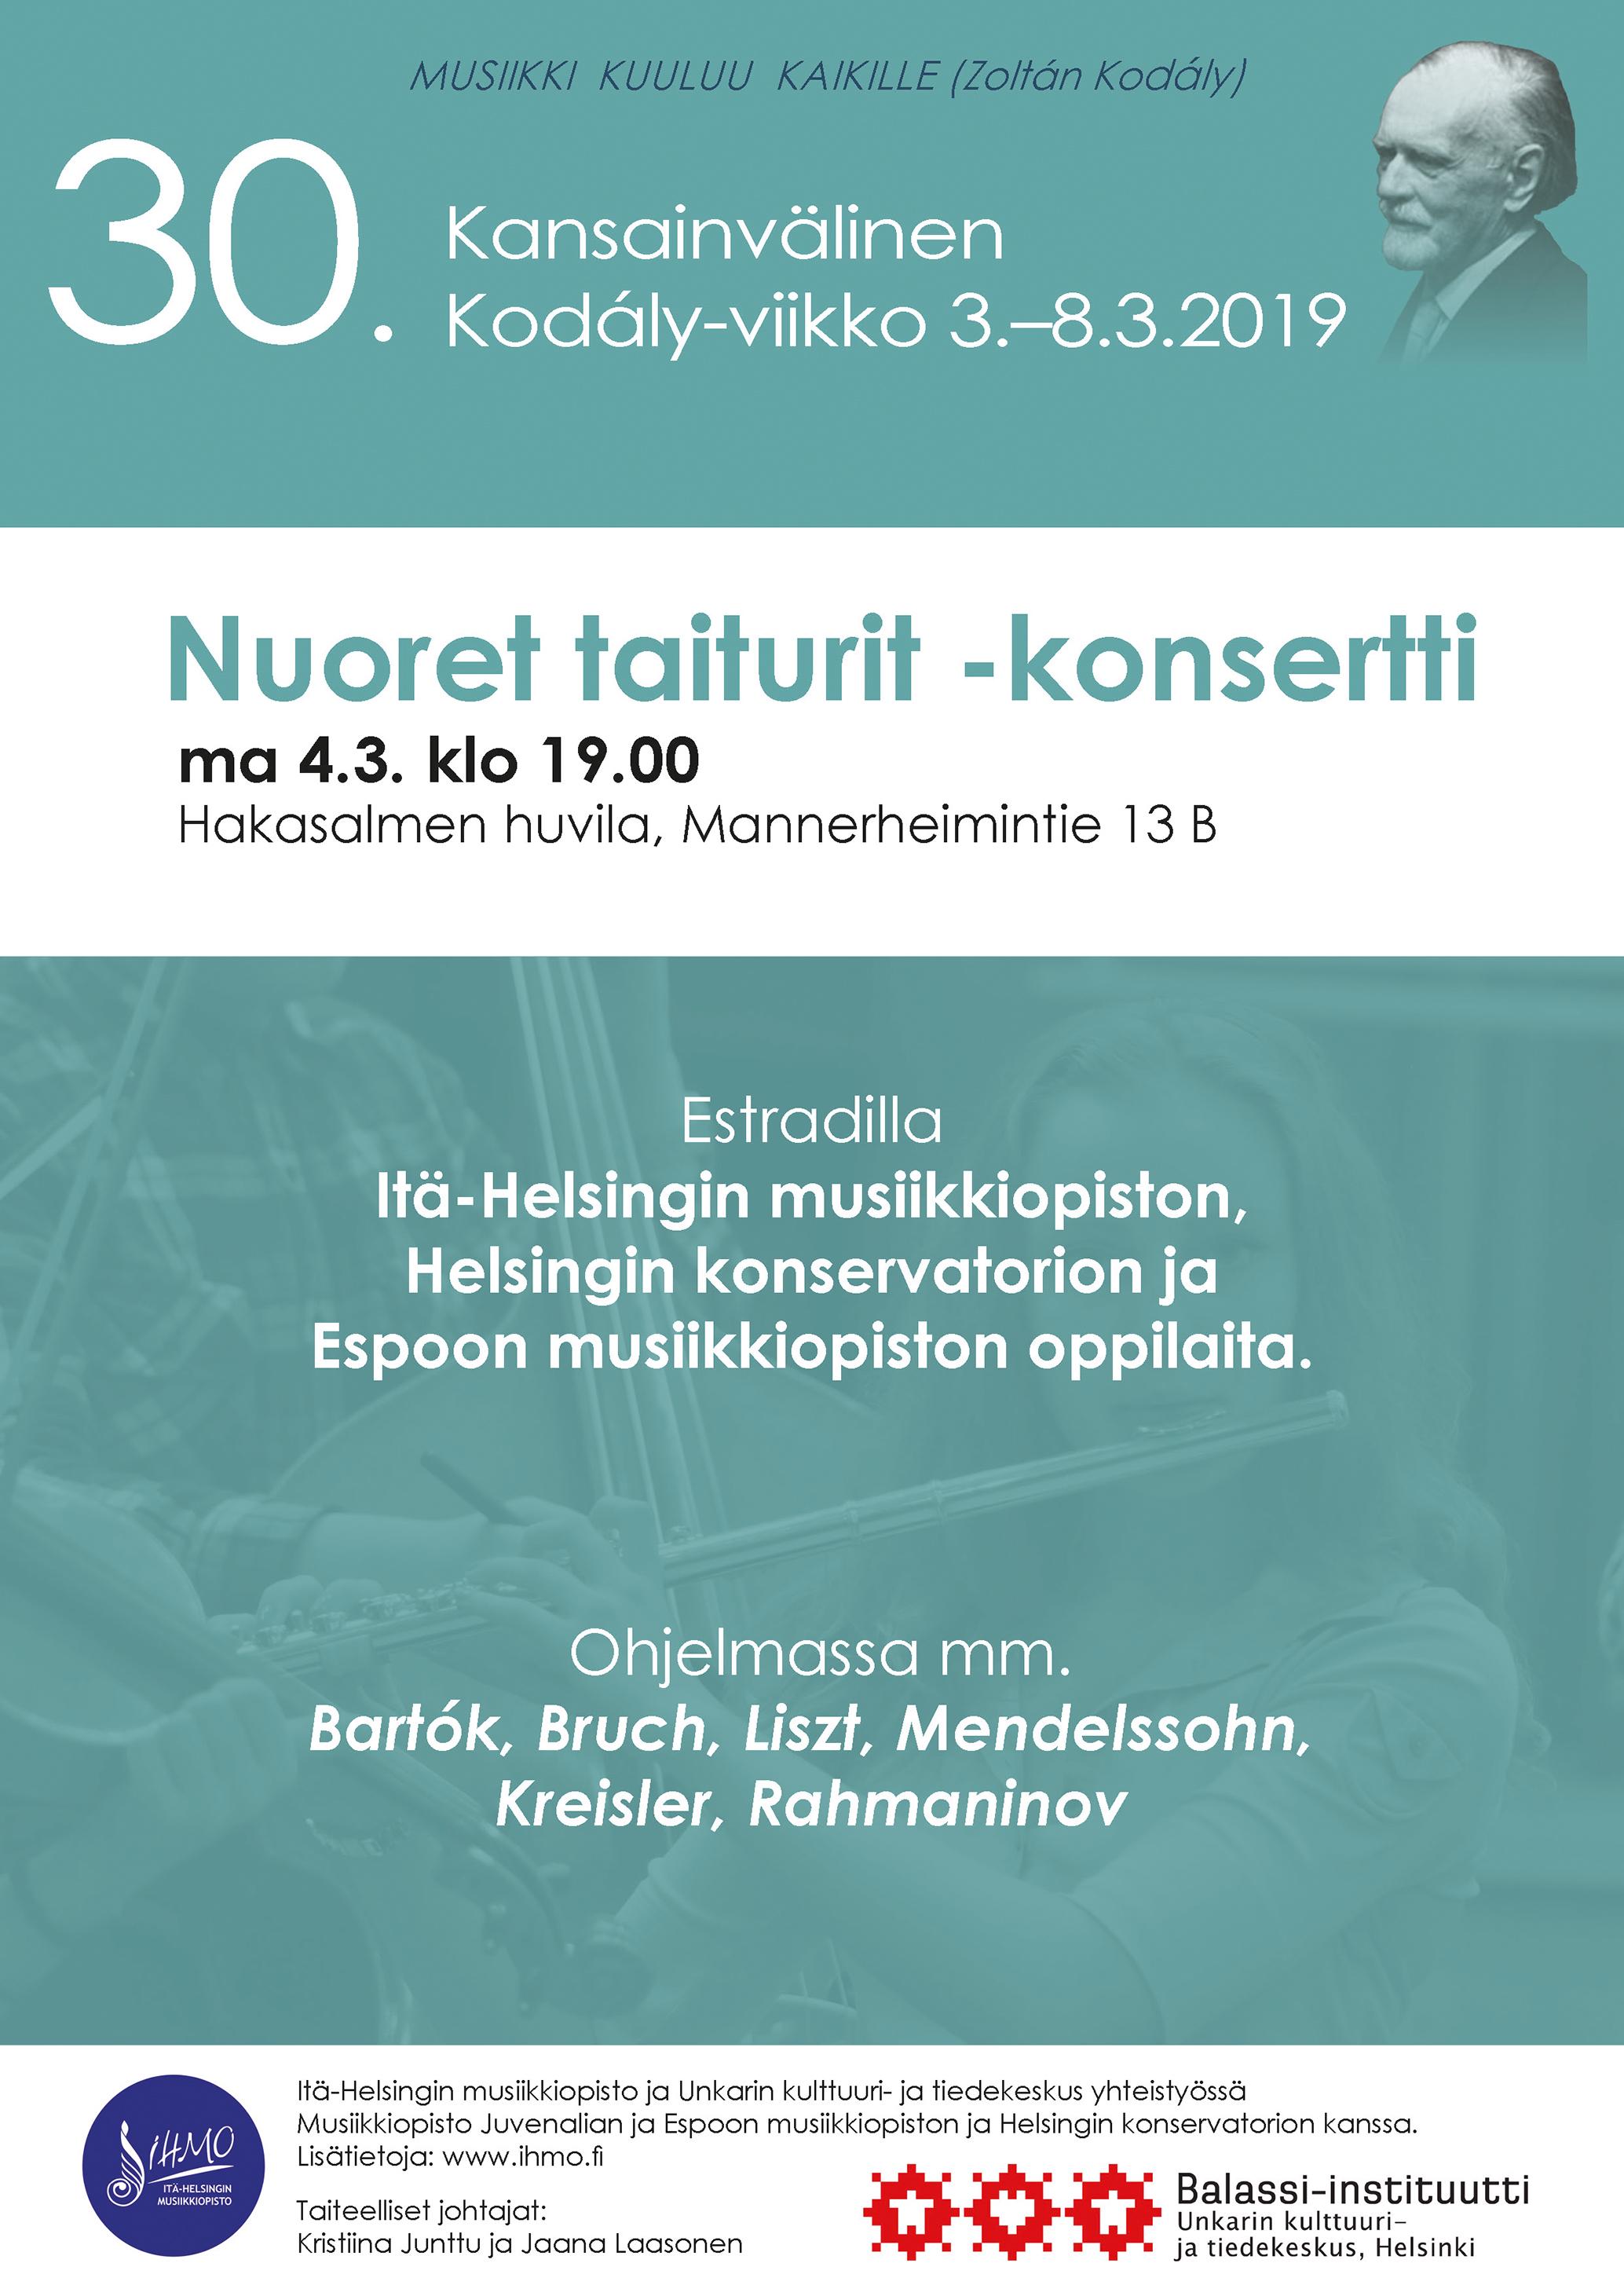 1690206917-Kodaly_viikko_2019_Hakasalmen_huvila.jpg